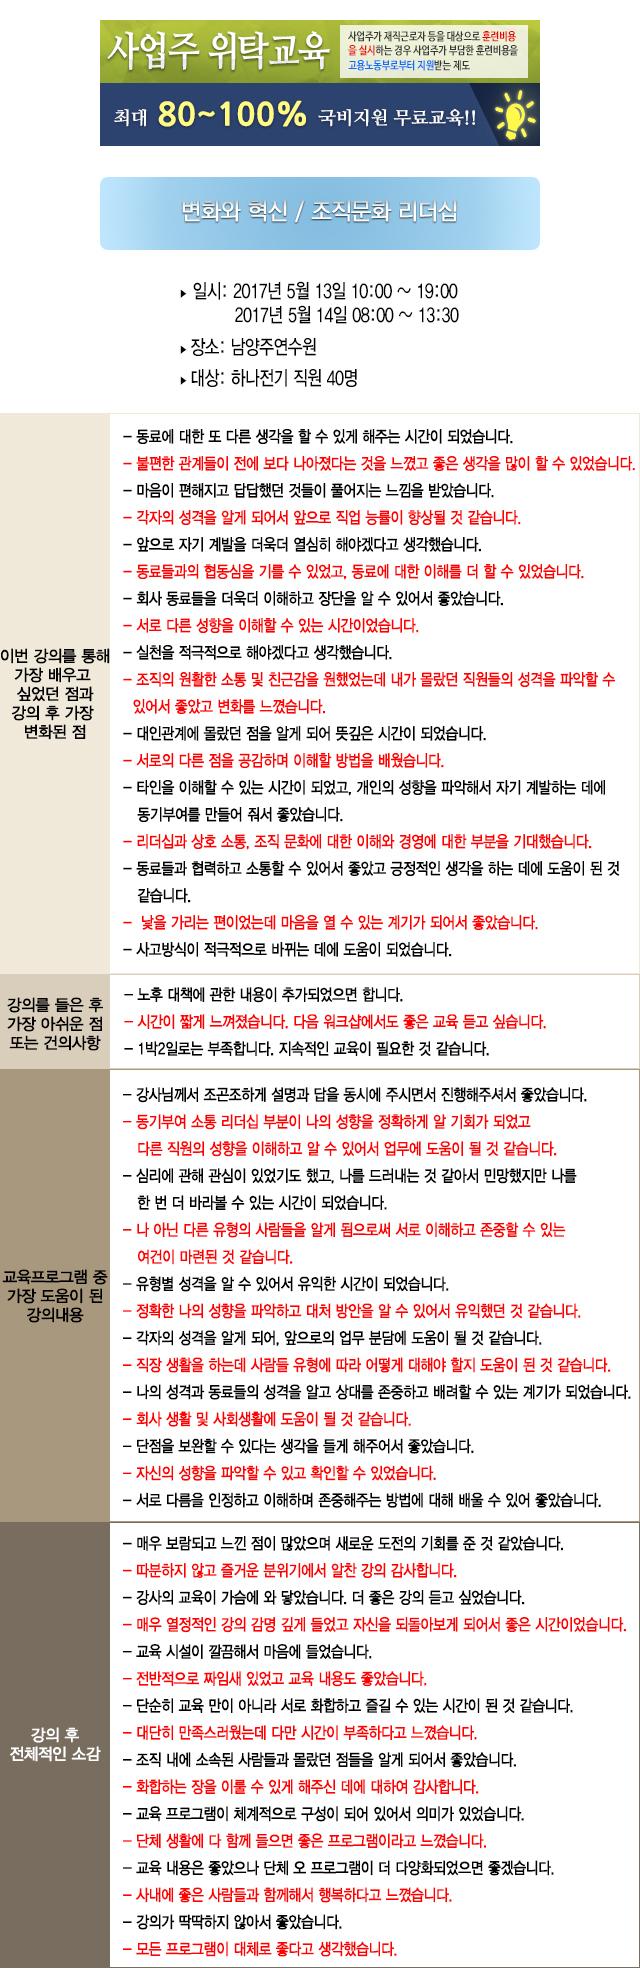 한국중앙인재개발원 후기_하나전기.jpg